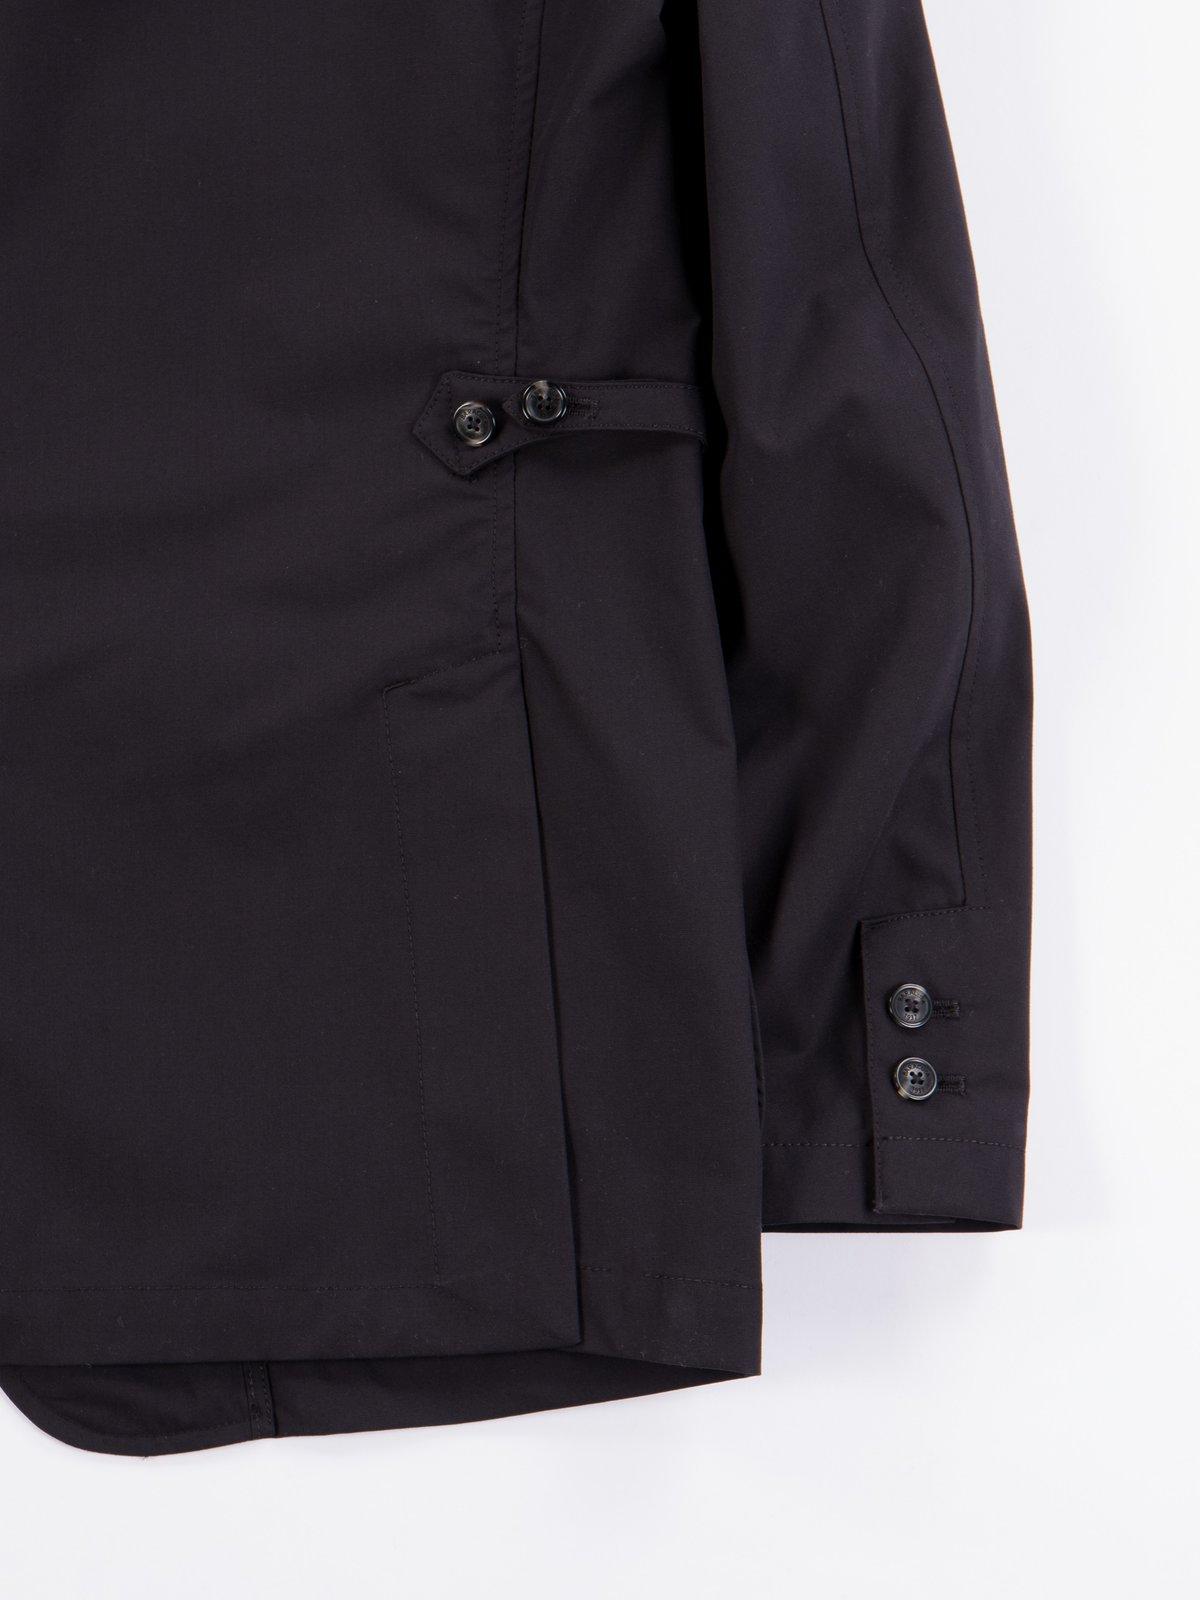 Black Structured EG Blazer - Image 8